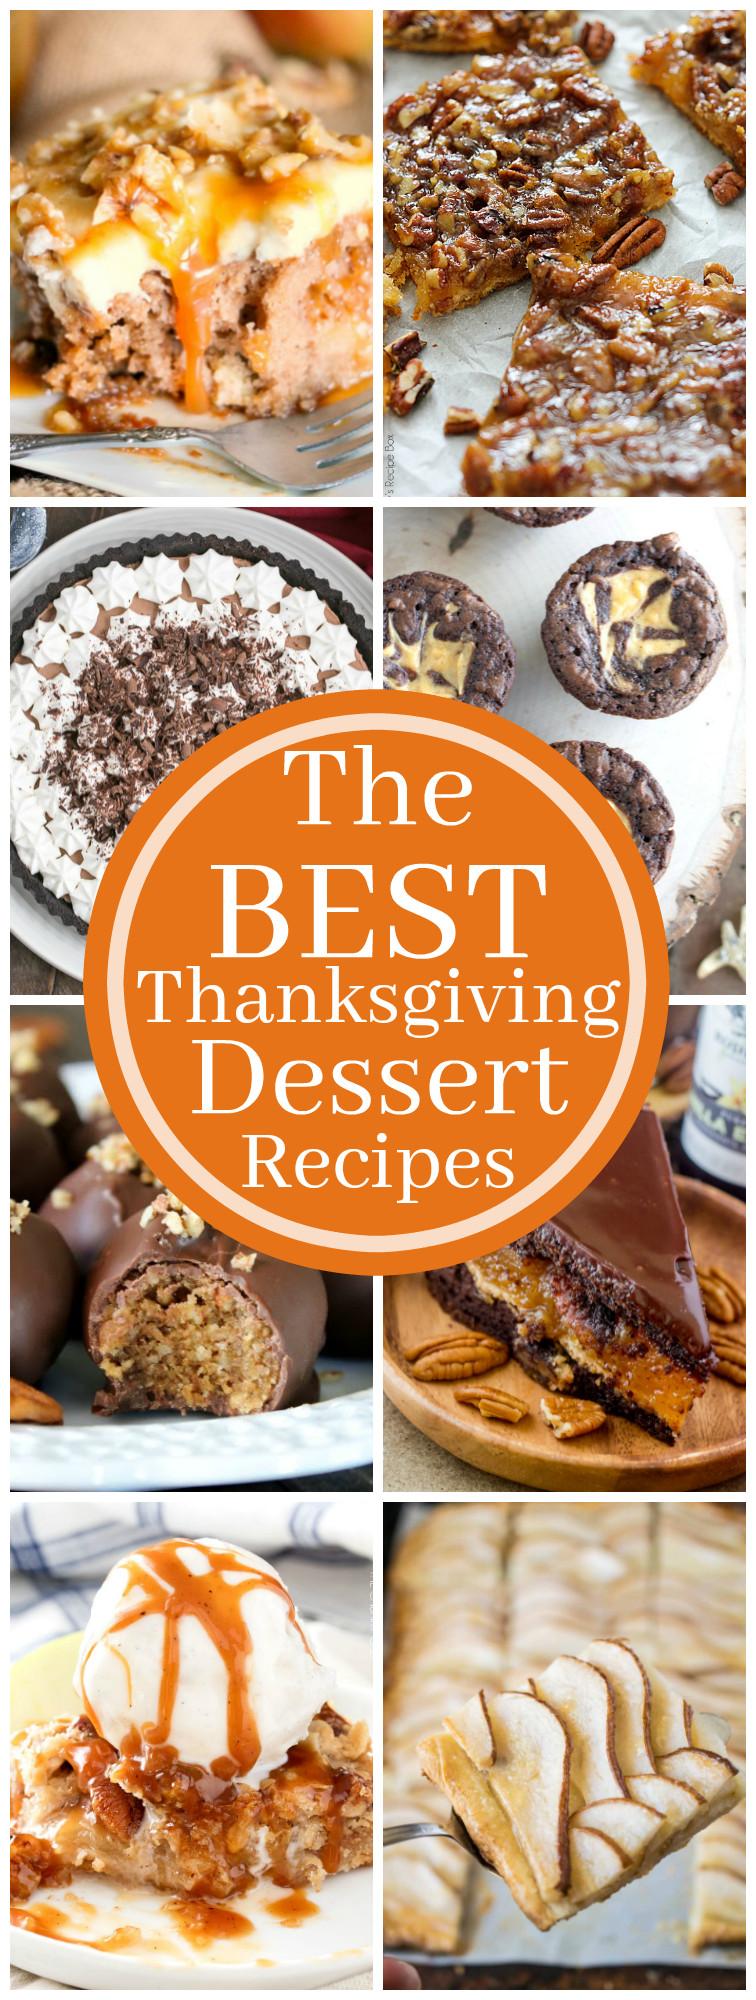 The Best Thanksgiving Desserts  The Best Thanksgiving Dessert Recipes Tornadough Alli